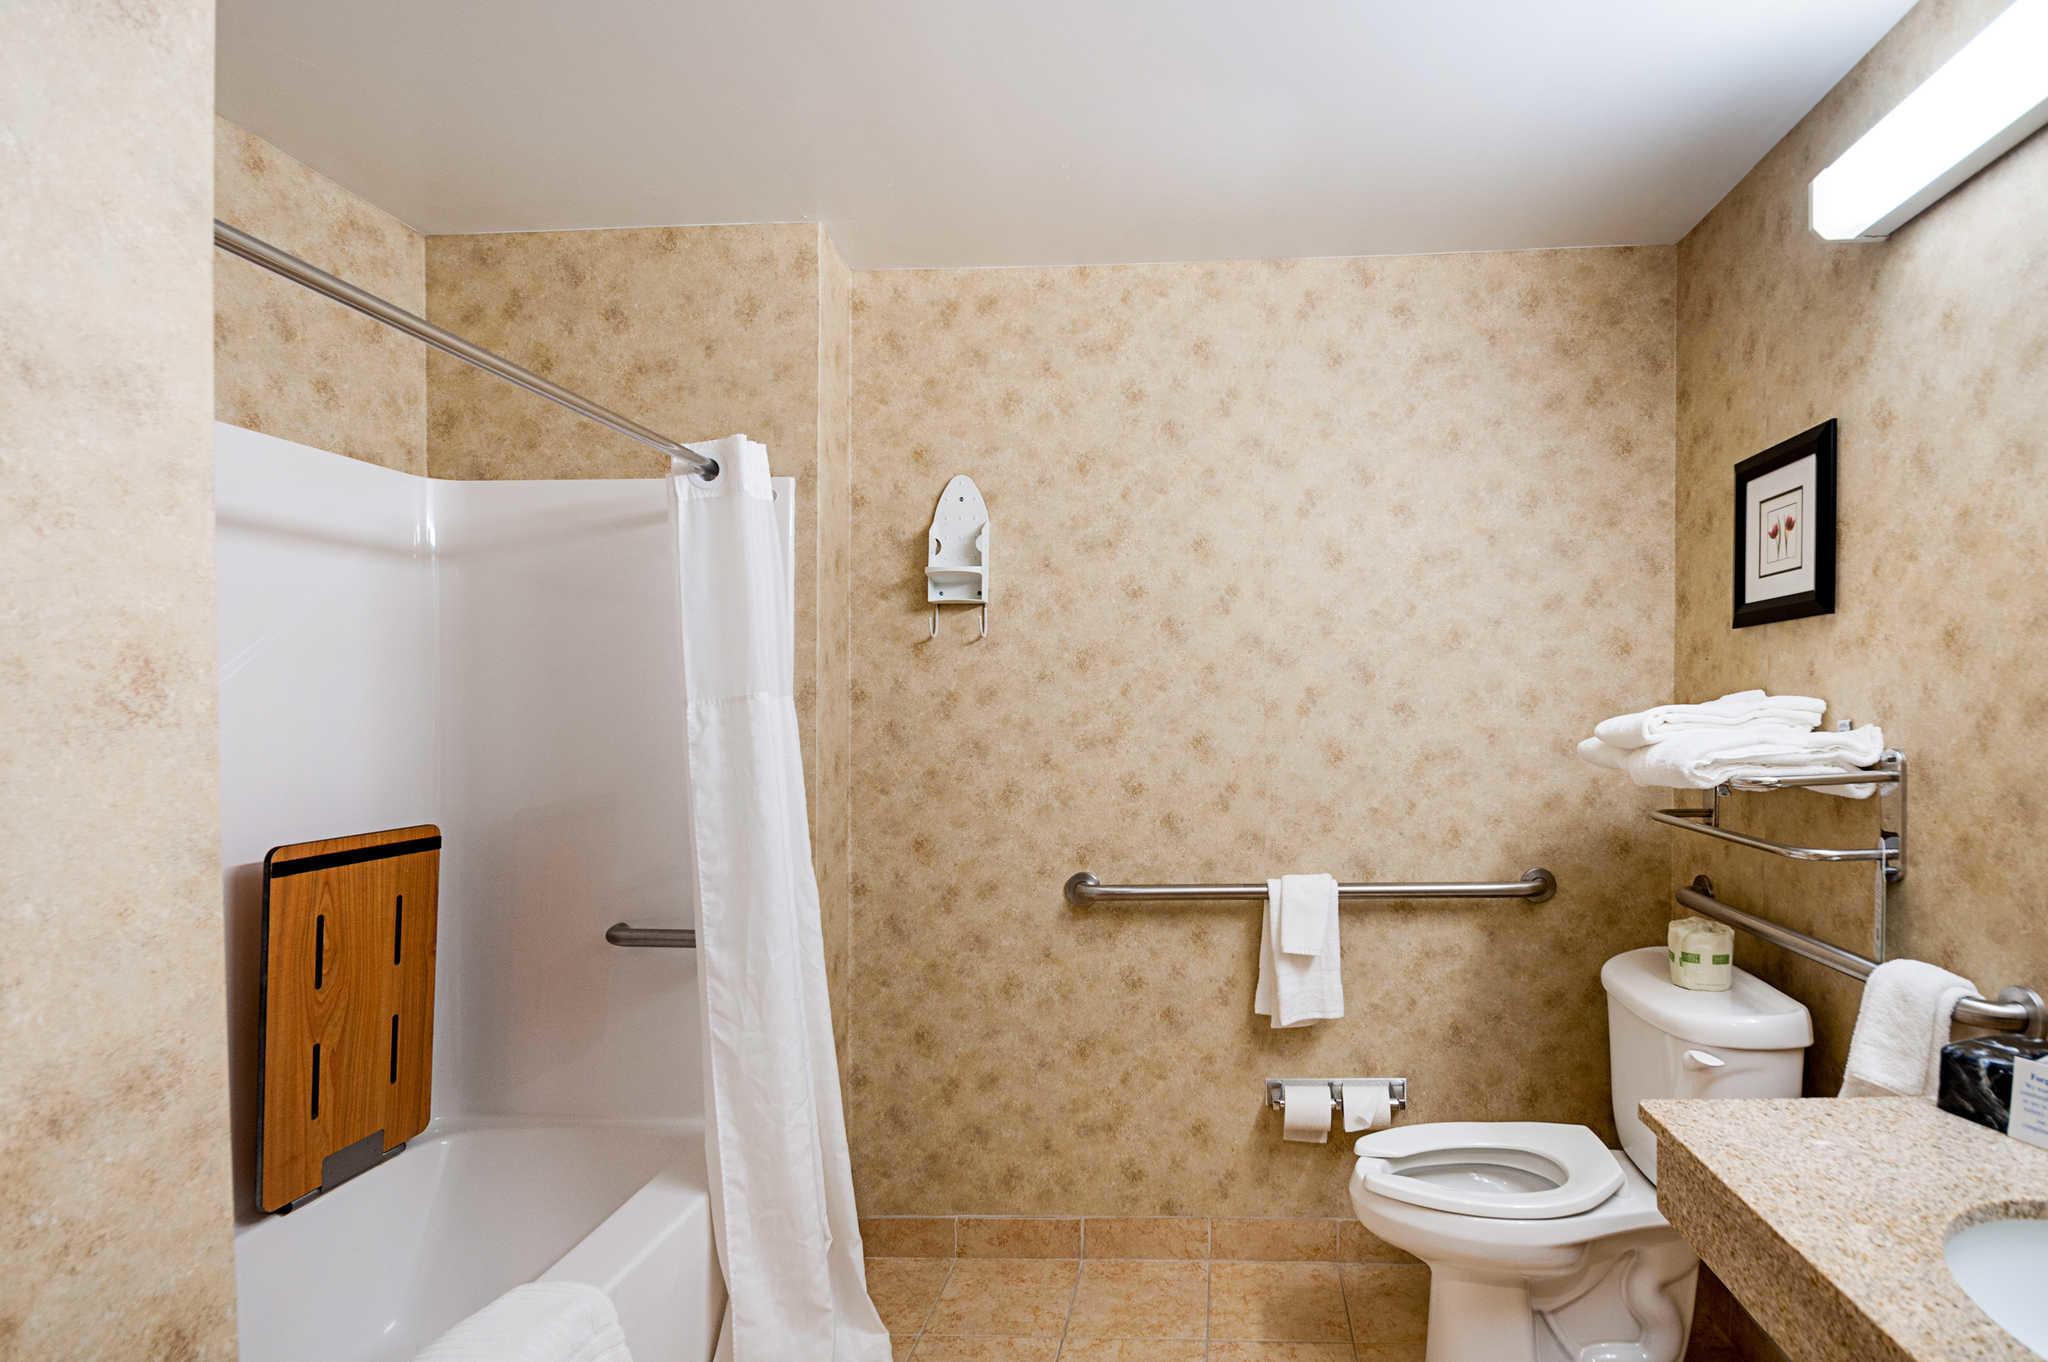 Comfort Inn & Suites Cambridge image 11